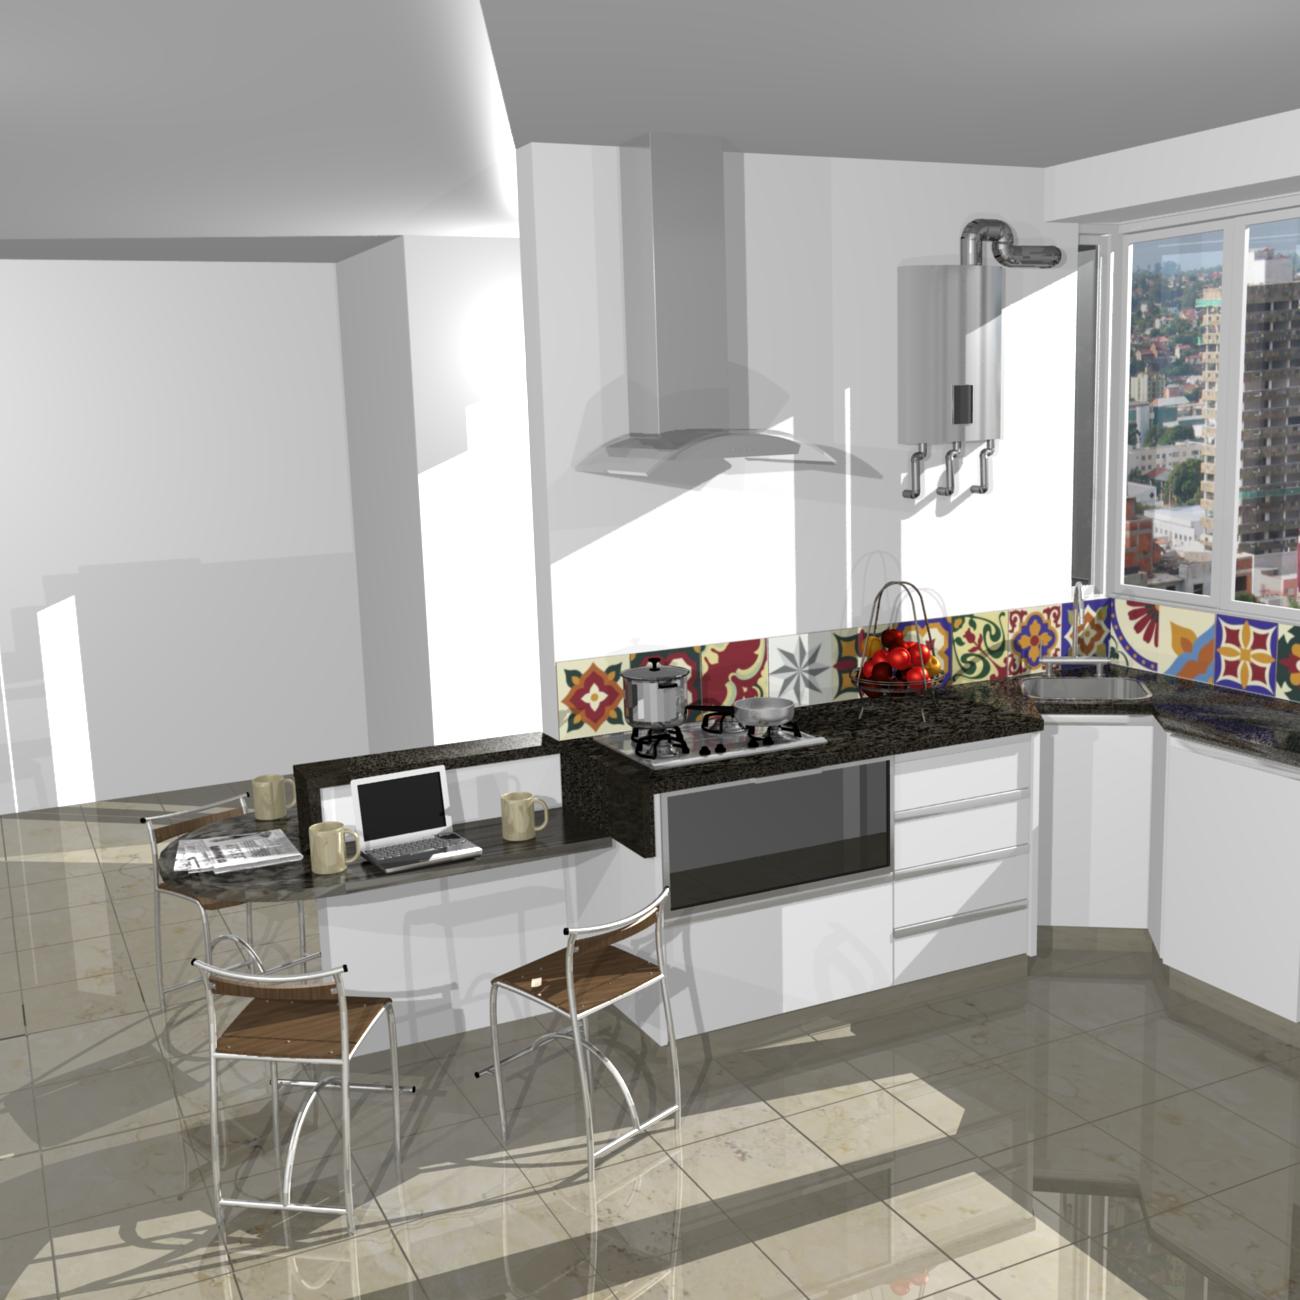 Sala Pequena Com Barzinho Moderno ~ NOIVAS PAINEL LACA ARMÁRIOS PROJETOS (11) 3976 8616 COZINHA PEQUENAS